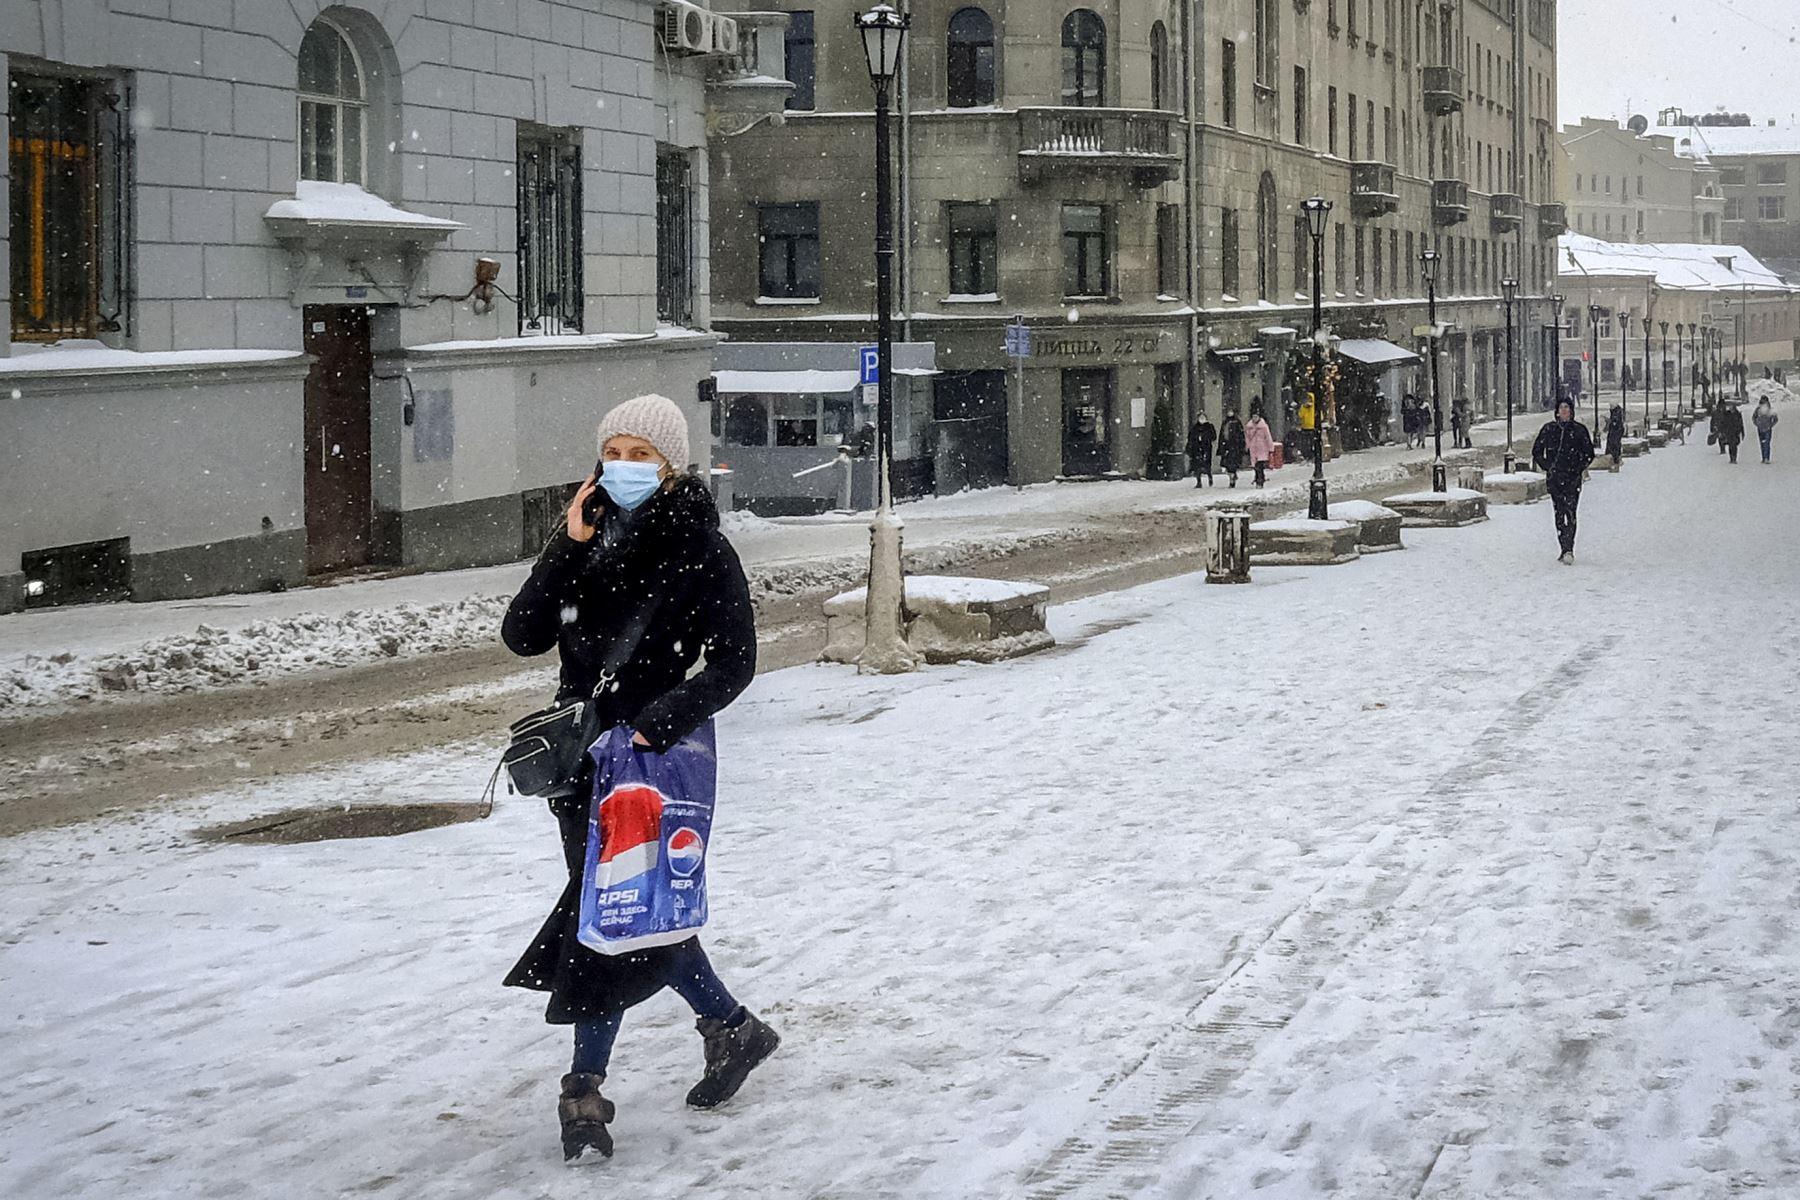 Una mujer con una mascarilla protectora contra la pandemia Covid-19, camina en la nieve por una calle en el centro de Moscú. Desde el comienzo de la epidemia más de 111.331.990 personas contrajeron la enfermedad. De ellas al menos 68.323.000 se recuperaron, según las autoridades. Foto: AFP